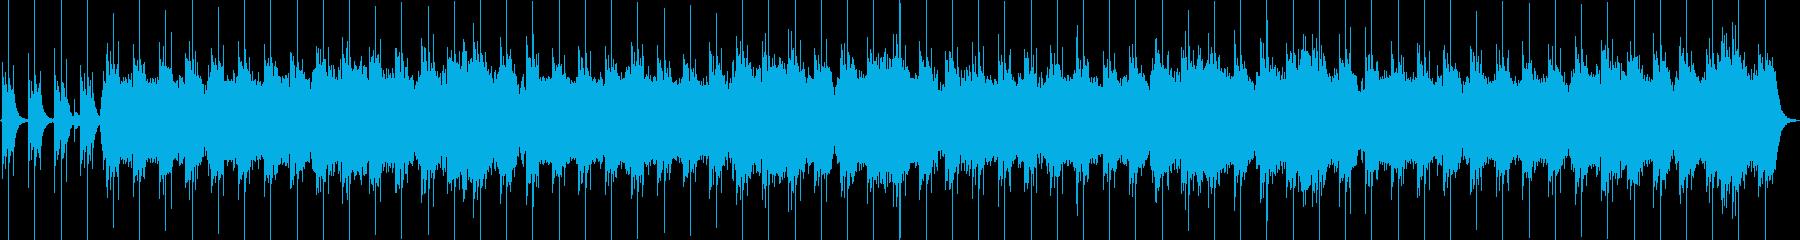 青森県下北地方の民謡を幻想的にアレンジの再生済みの波形